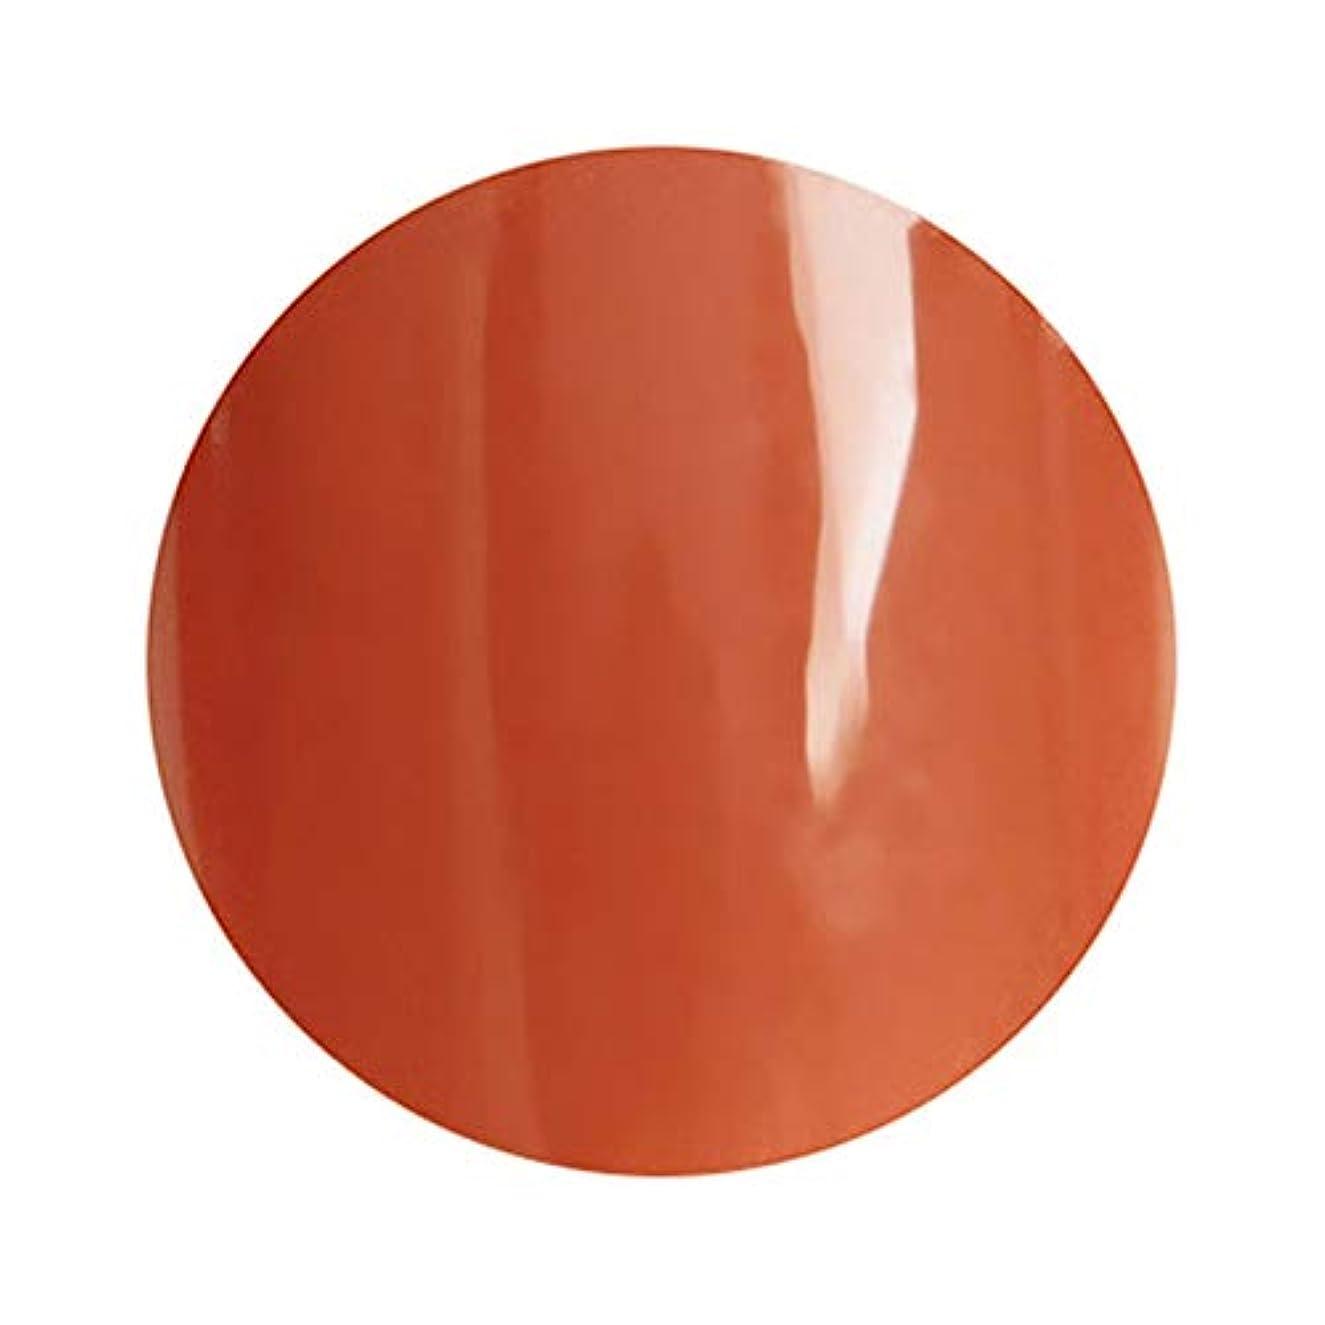 促す読みやすいトンpara gel パラジェル カラージェル S033 アウェイクニングオレンジ 4g (久永ひろよプロデュース)